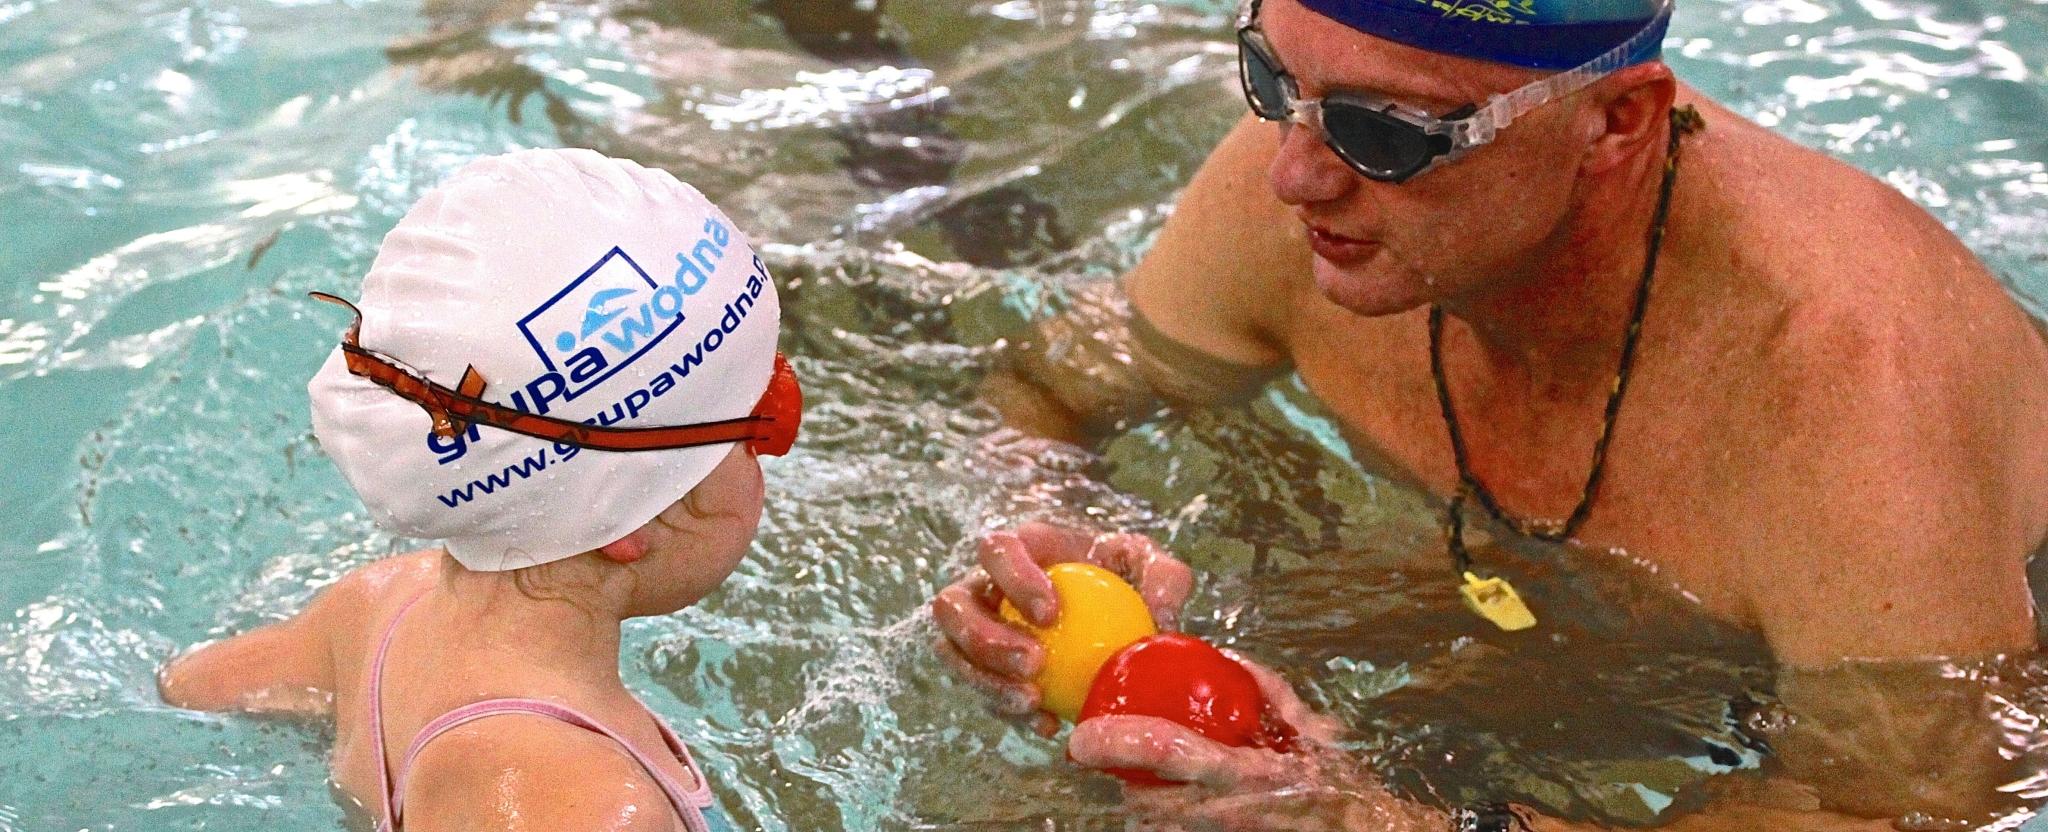 Instruktor Grupy Wodnej uczy pływać